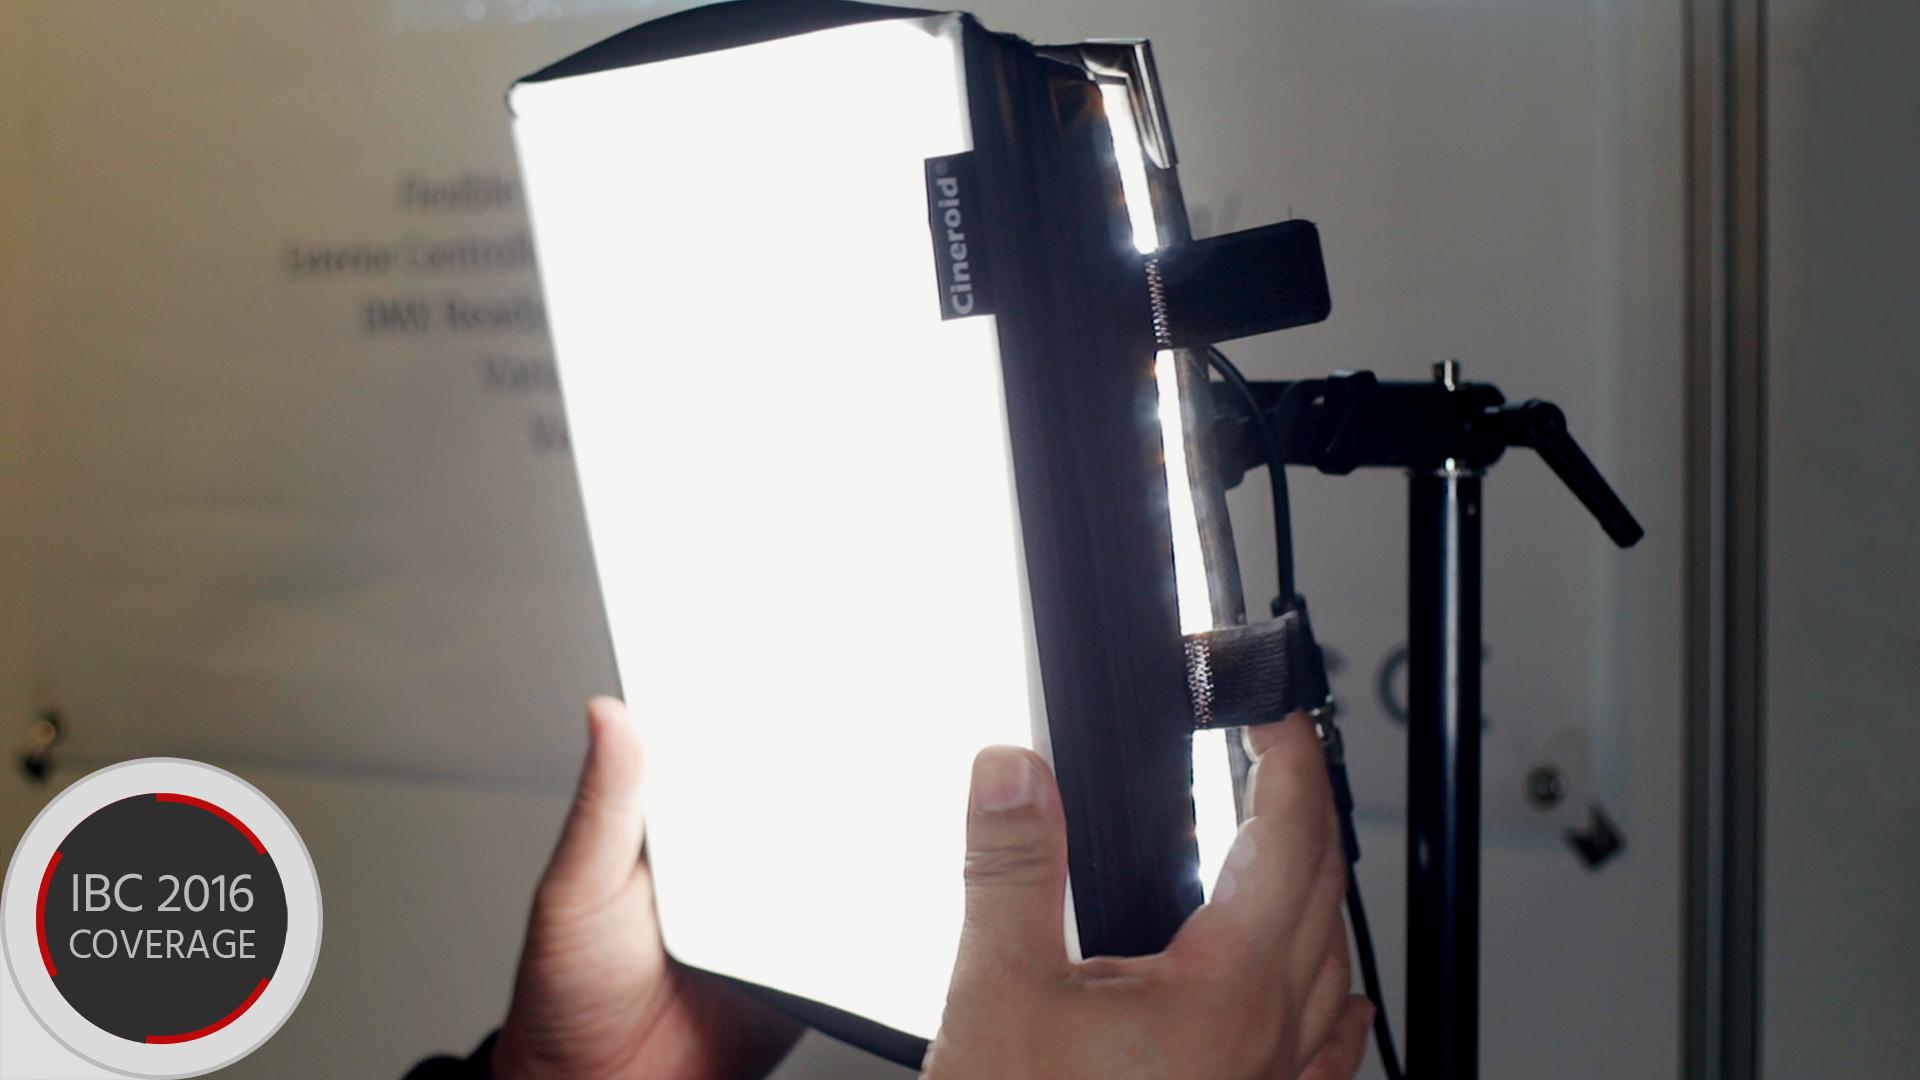 シネロイド FL400Sを発表 - 折り畳めるLEDライト